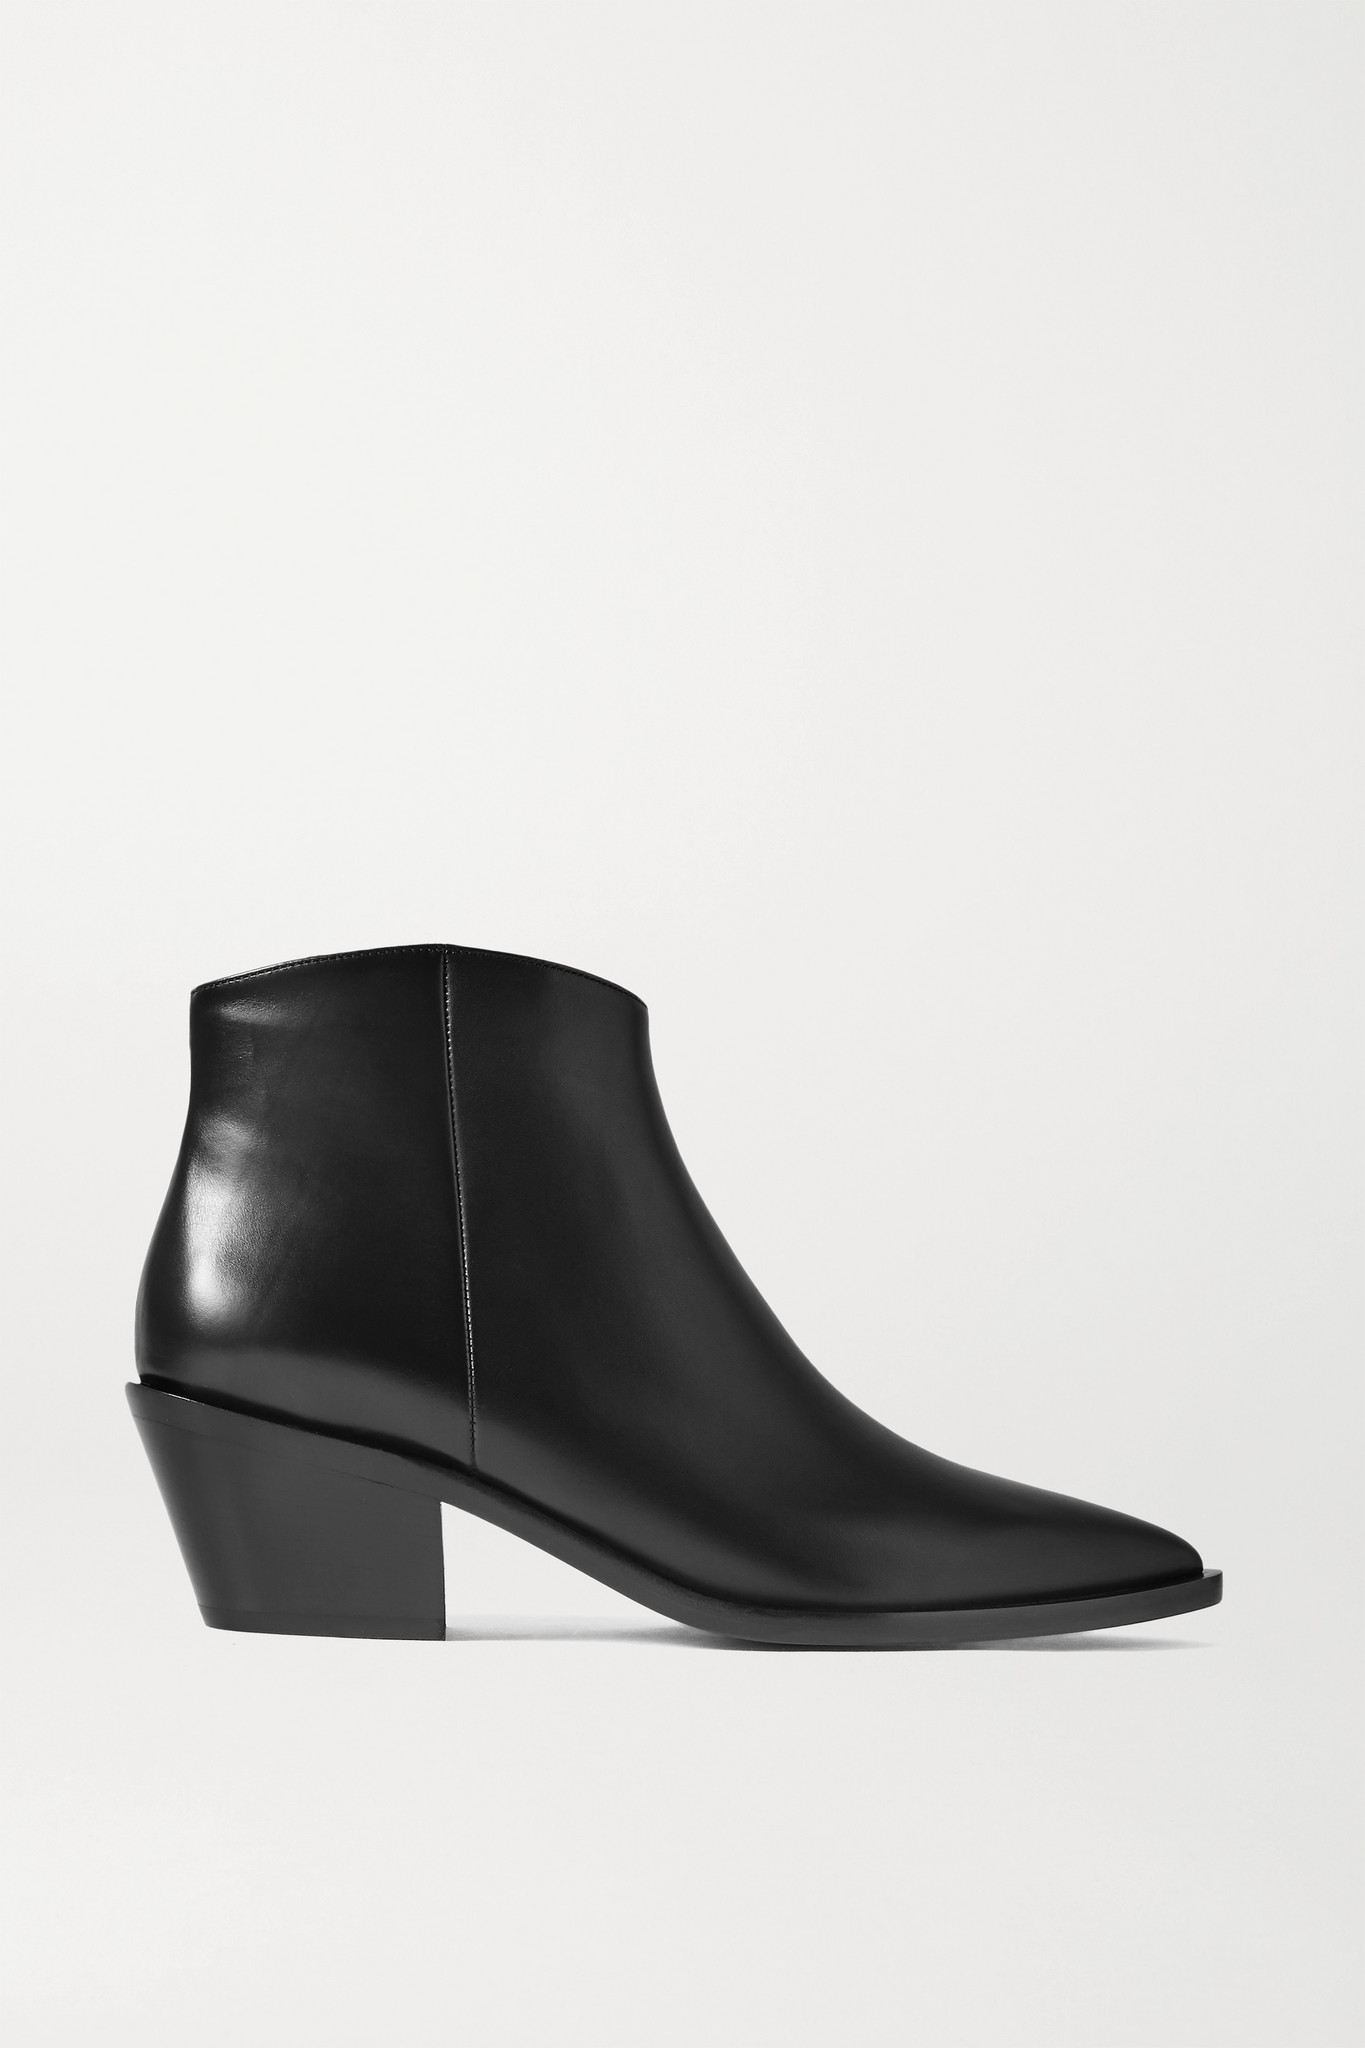 GIANVITO ROSSI - 45 皮革踝靴 - 黑色 - IT36